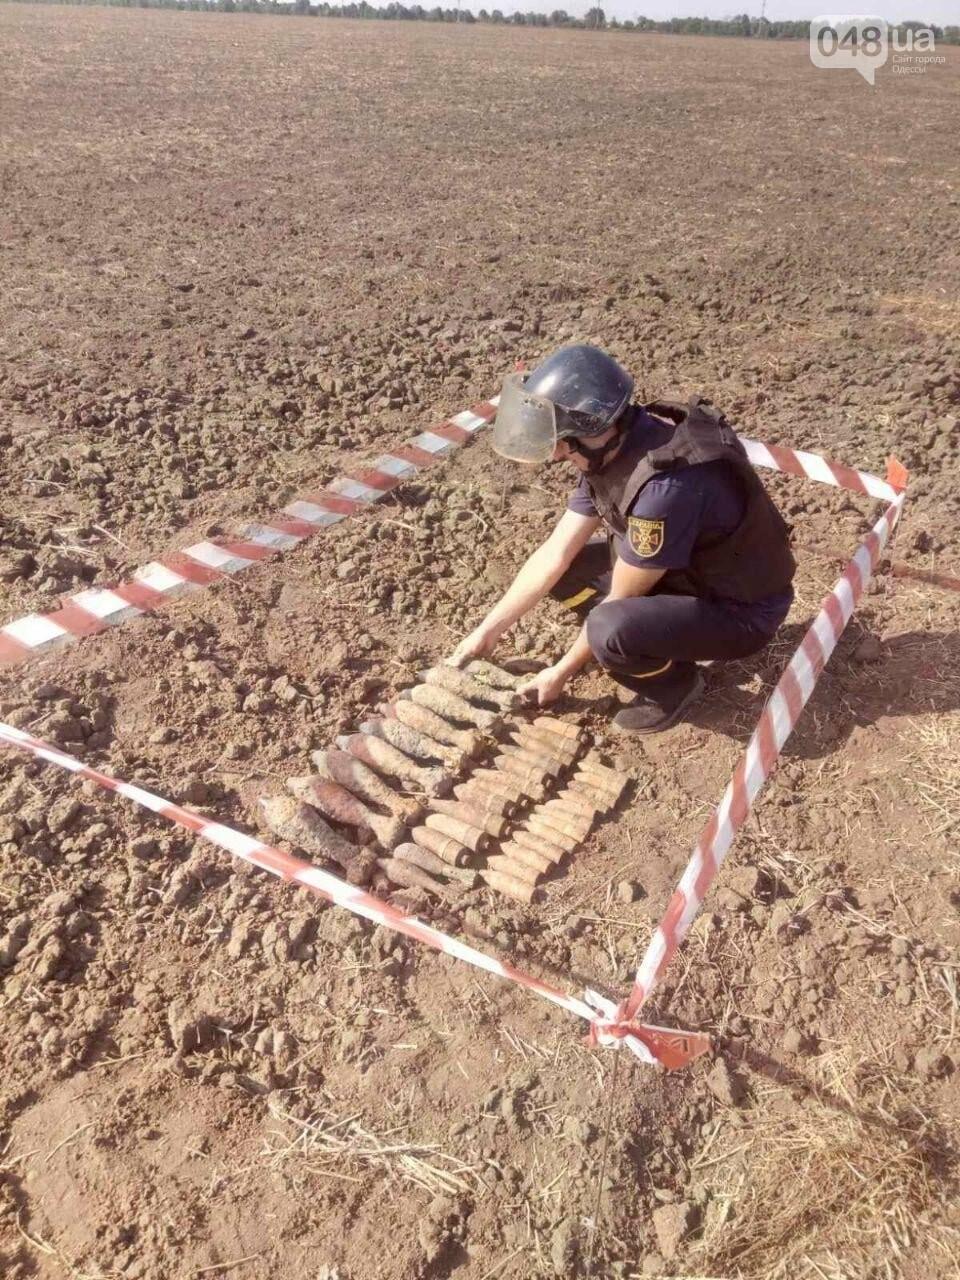 В Одесской области нашли 35 артснарядов времен Второй мировой войны,- ФОТО1